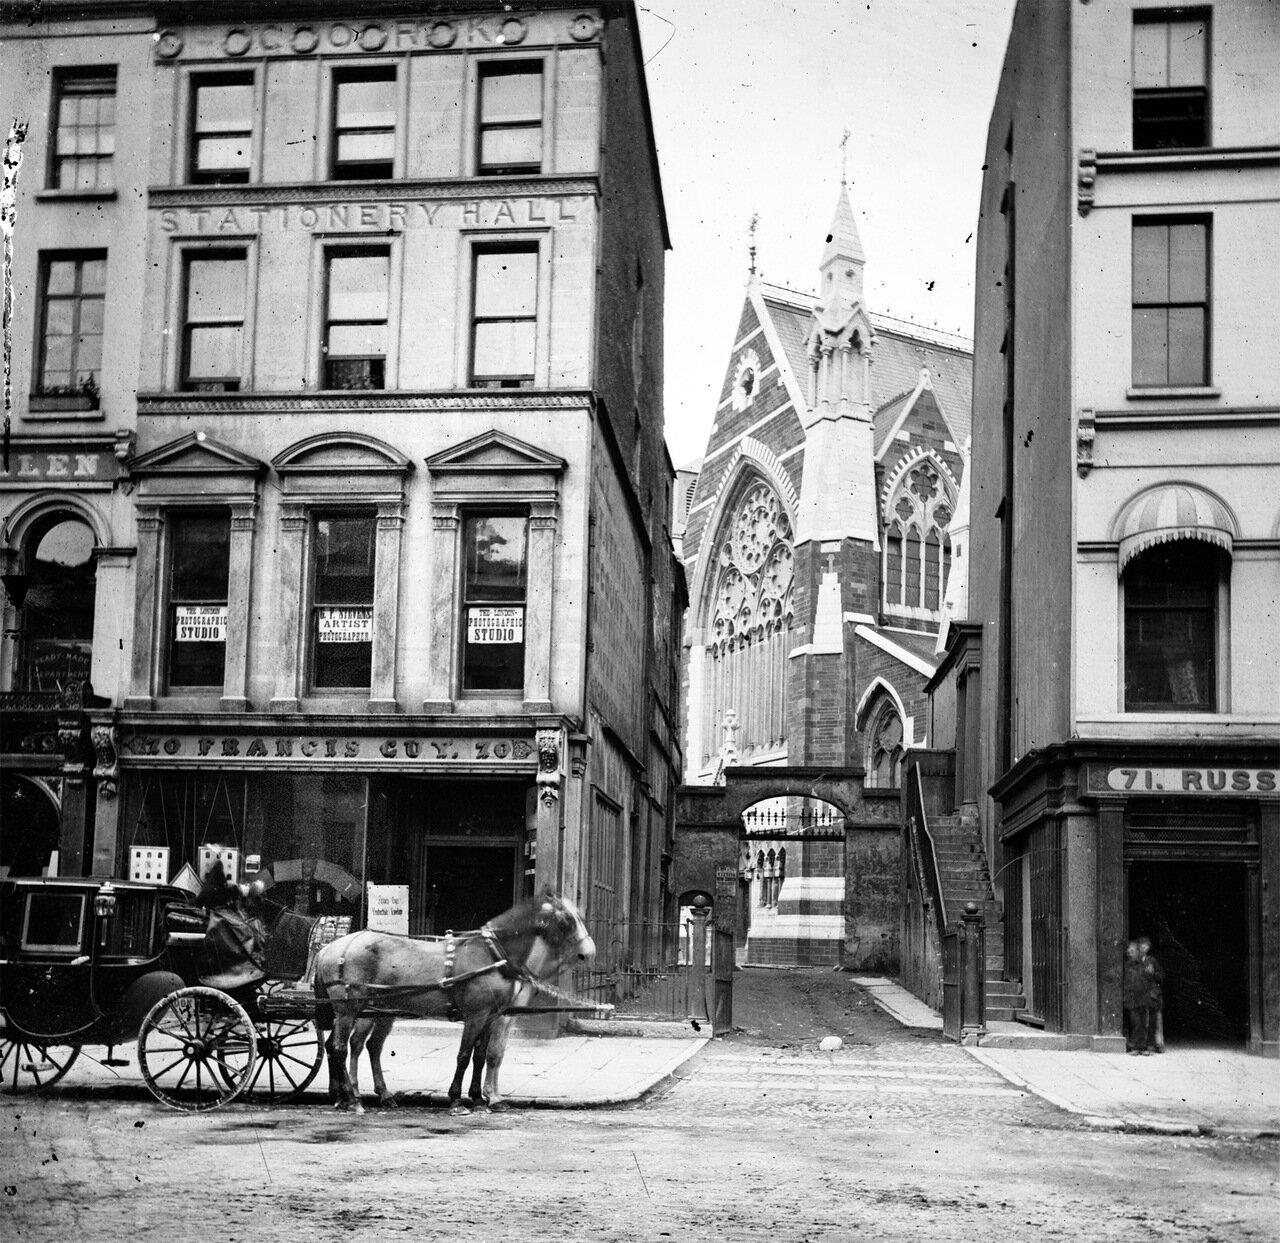 Улица Патрика,70 в Корке 1865 г.